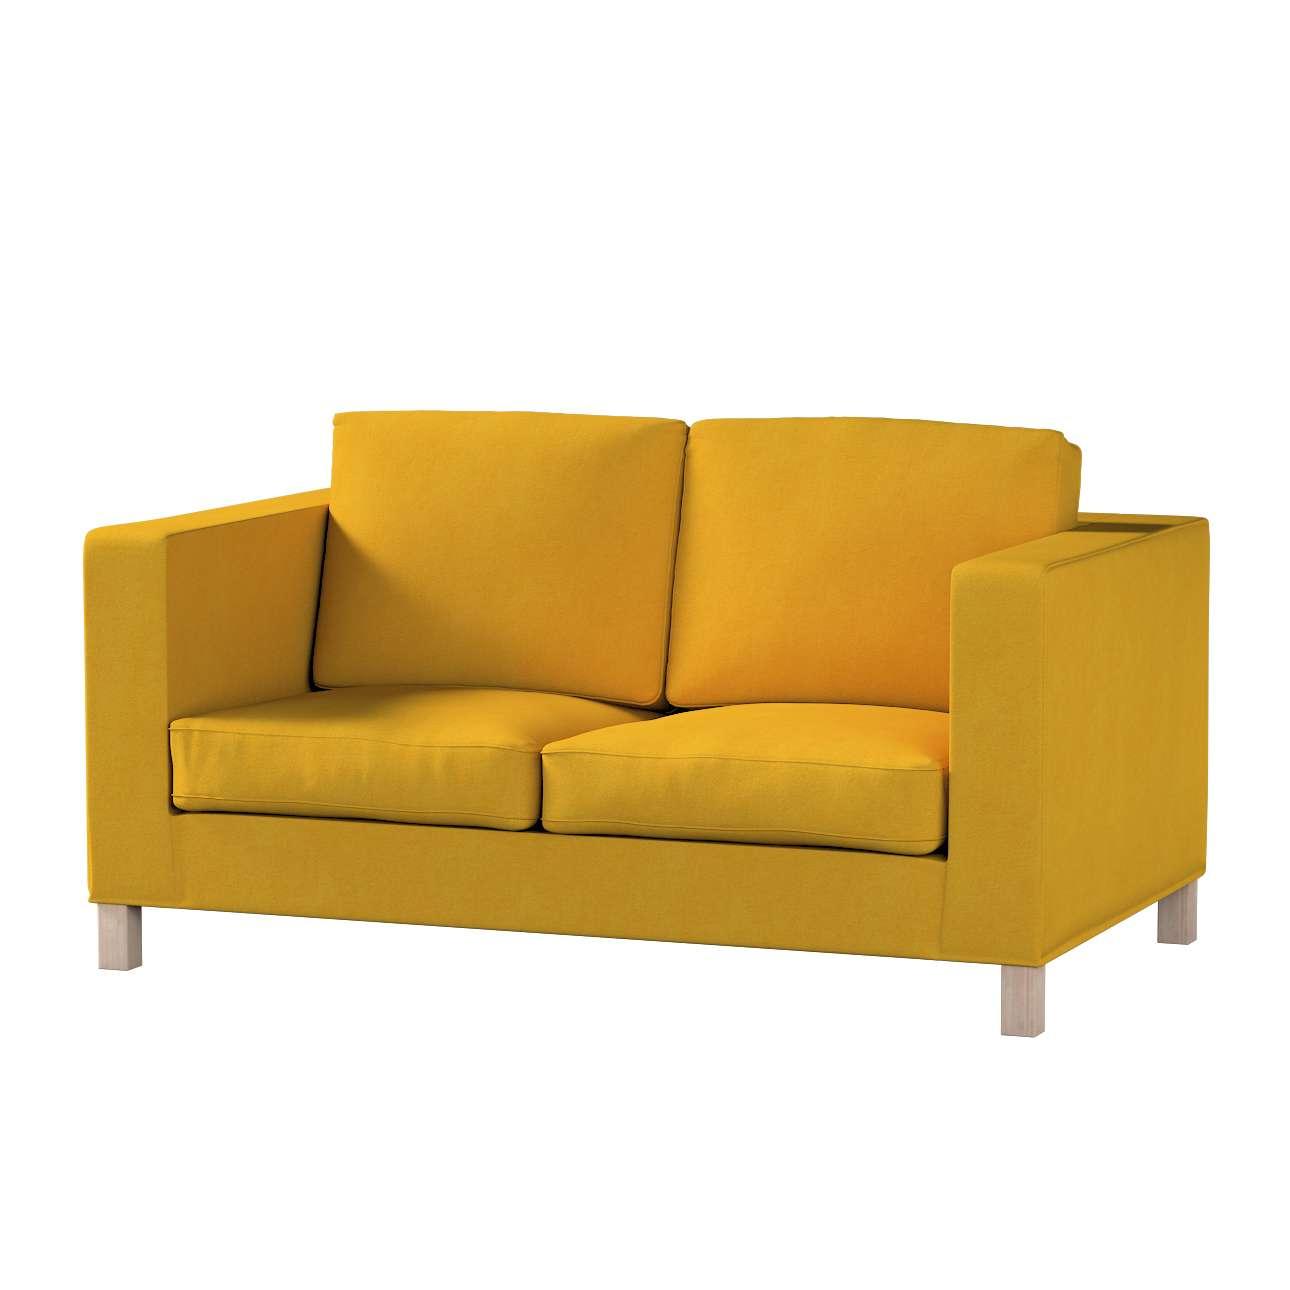 KARLANDA dvivietės sofos užvalkalas KARLANDA dvivietės sofos užvalkalas kolekcijoje Etna , audinys: 705-04